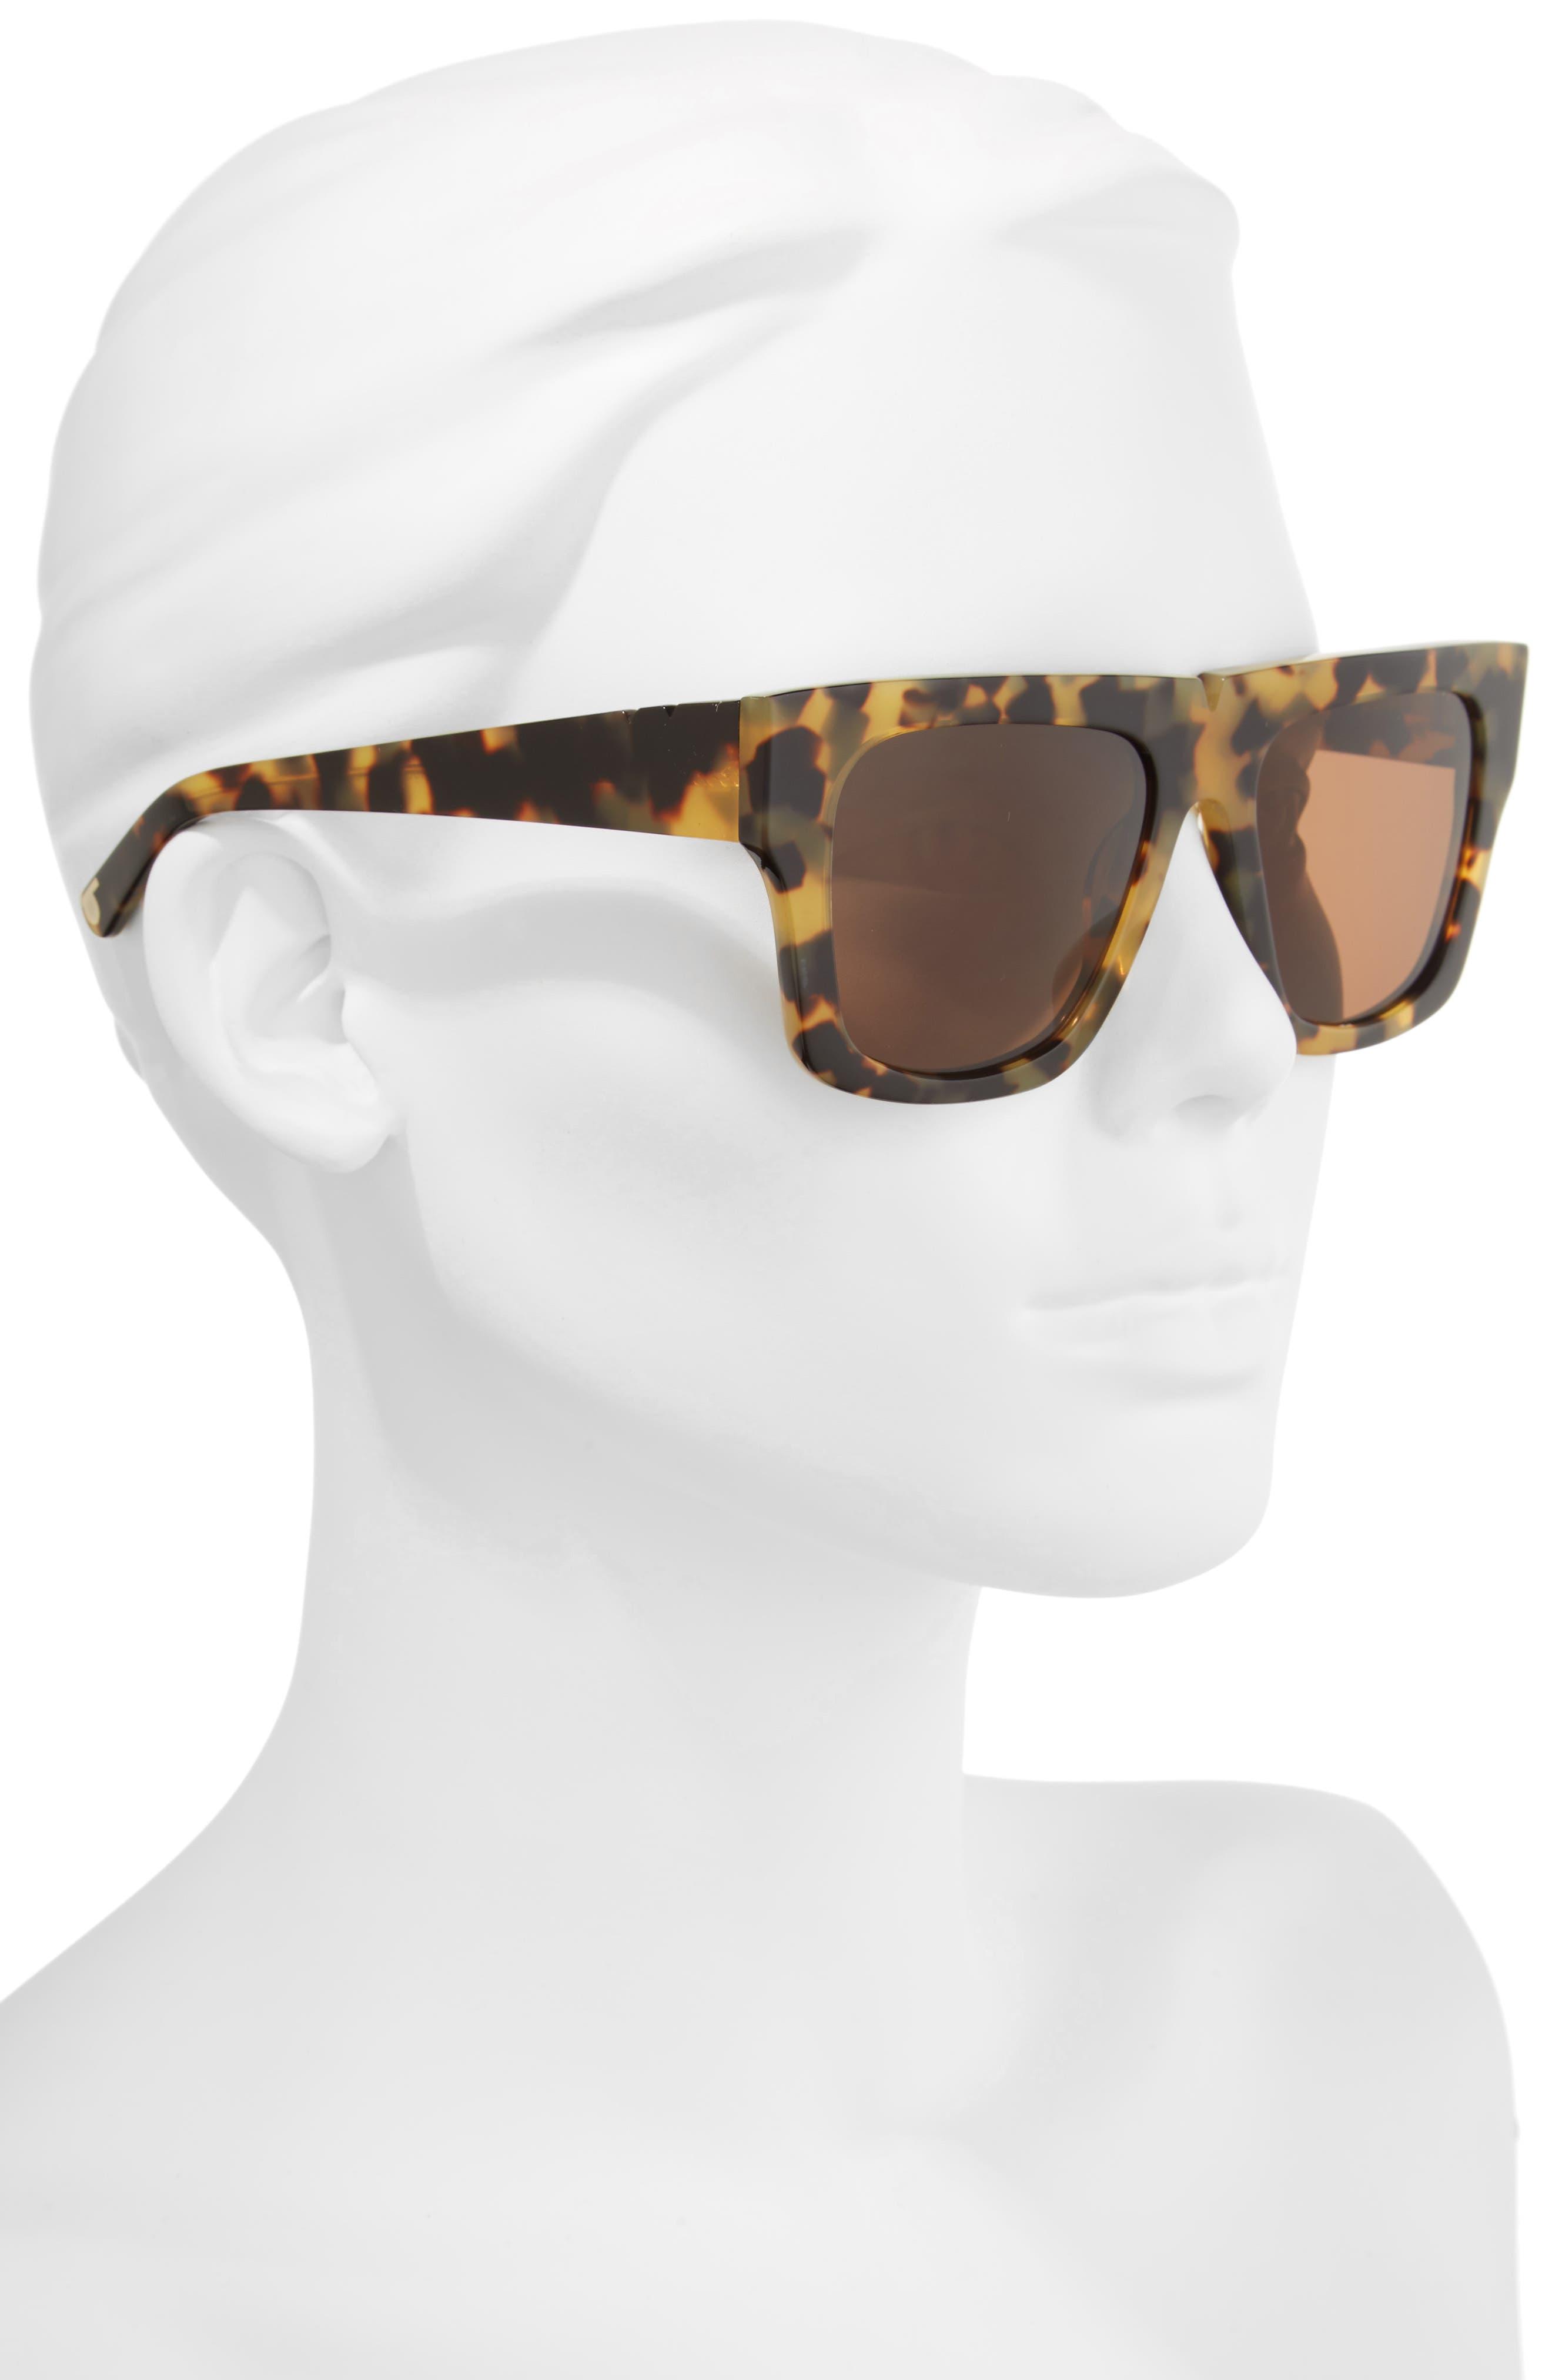 Bigger & Better 54mm Sunglasses,                             Alternate thumbnail 2, color,                             DARK TORTOISE/ BROWN